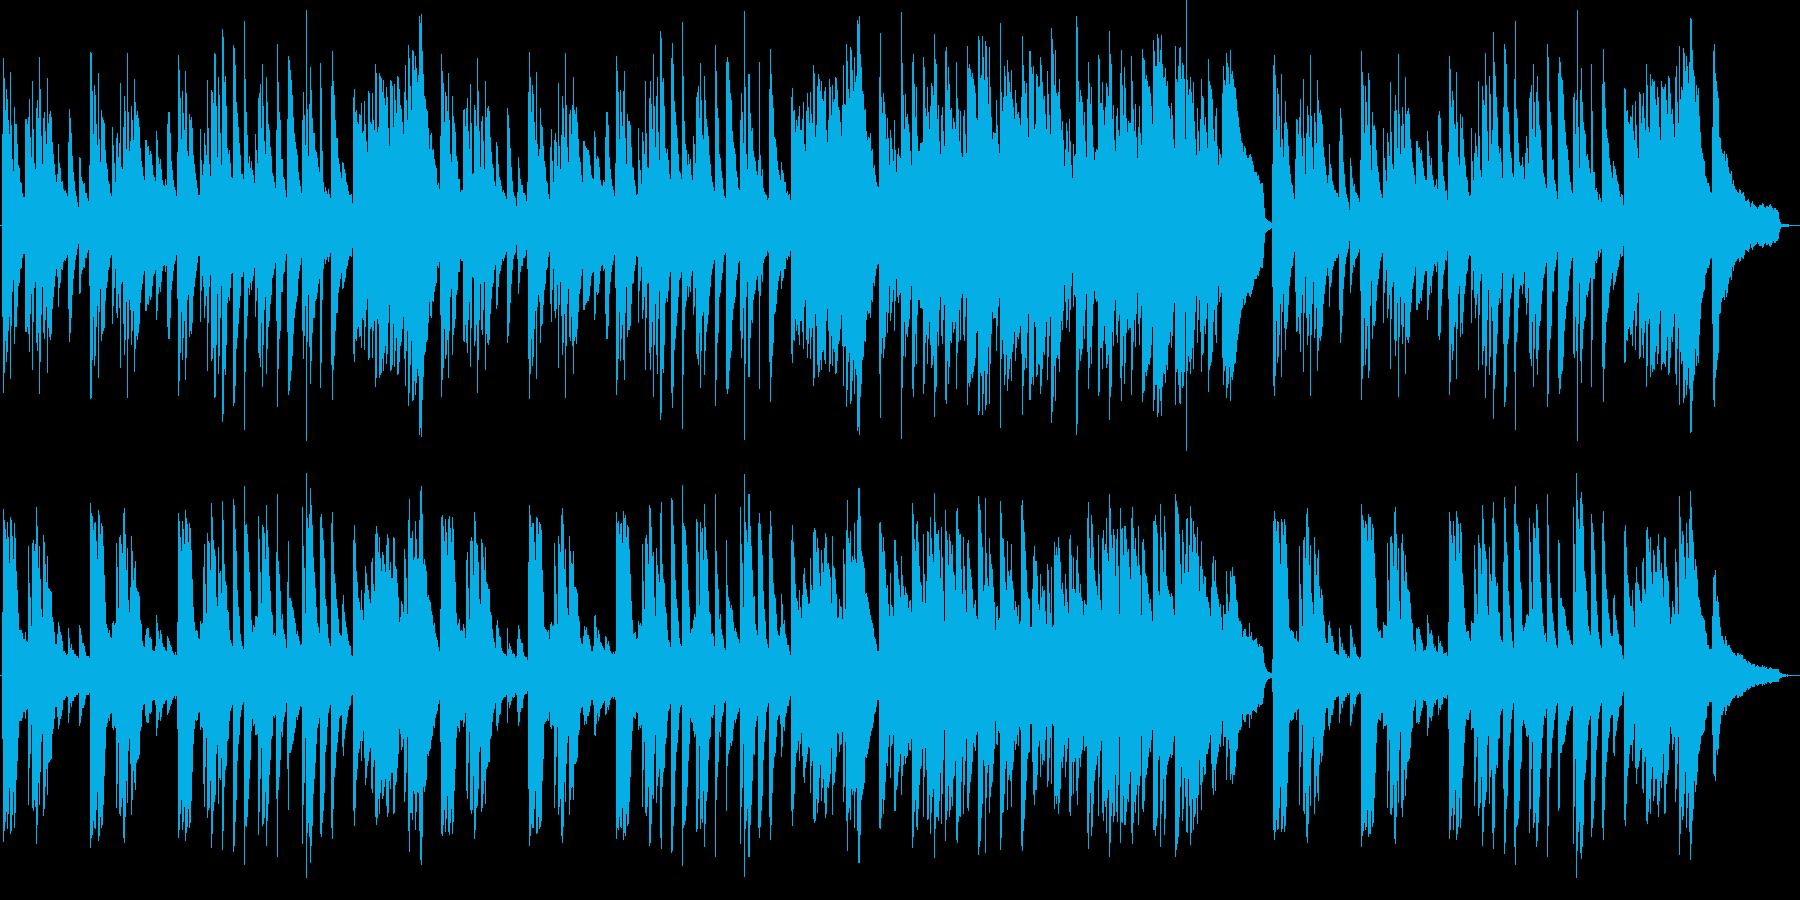 美しい和風ピアノバラードの再生済みの波形